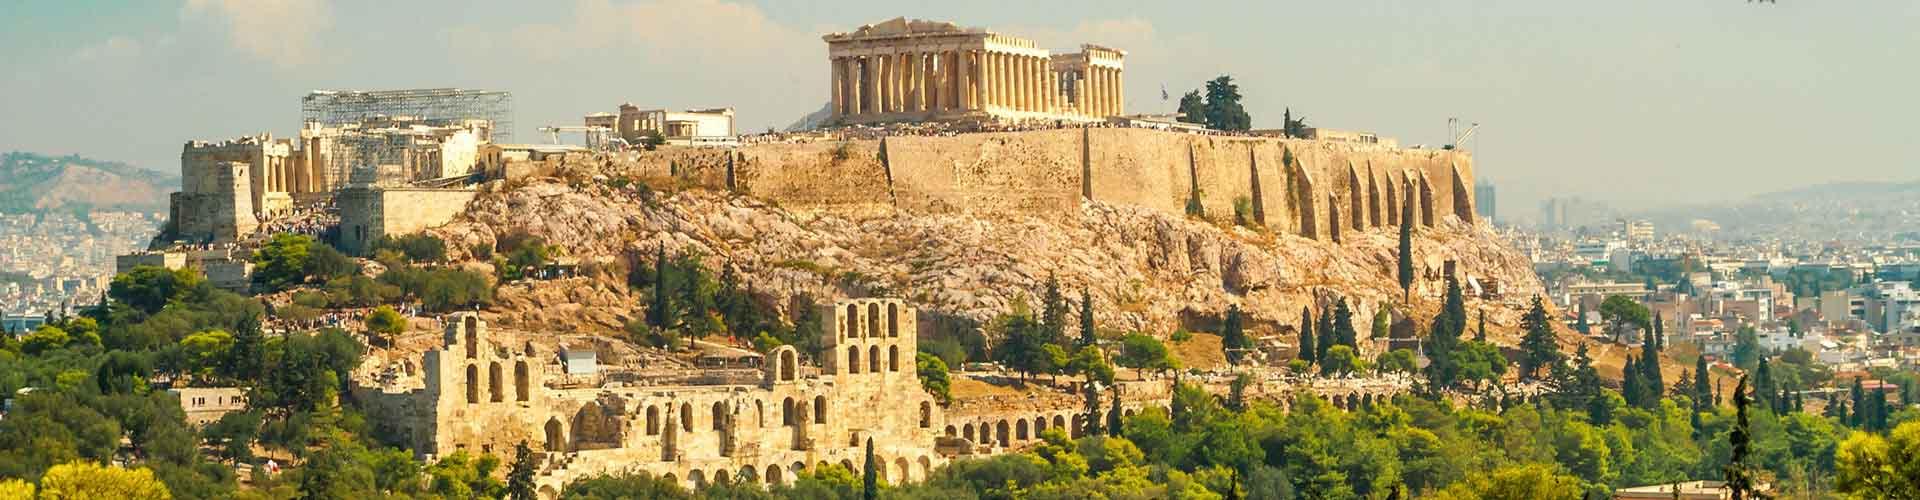 아테네 - 아테네에 있는 호스텔. 아테네의 지도, 아테네에 위치한 호스텔 사진 및 후기 정보.